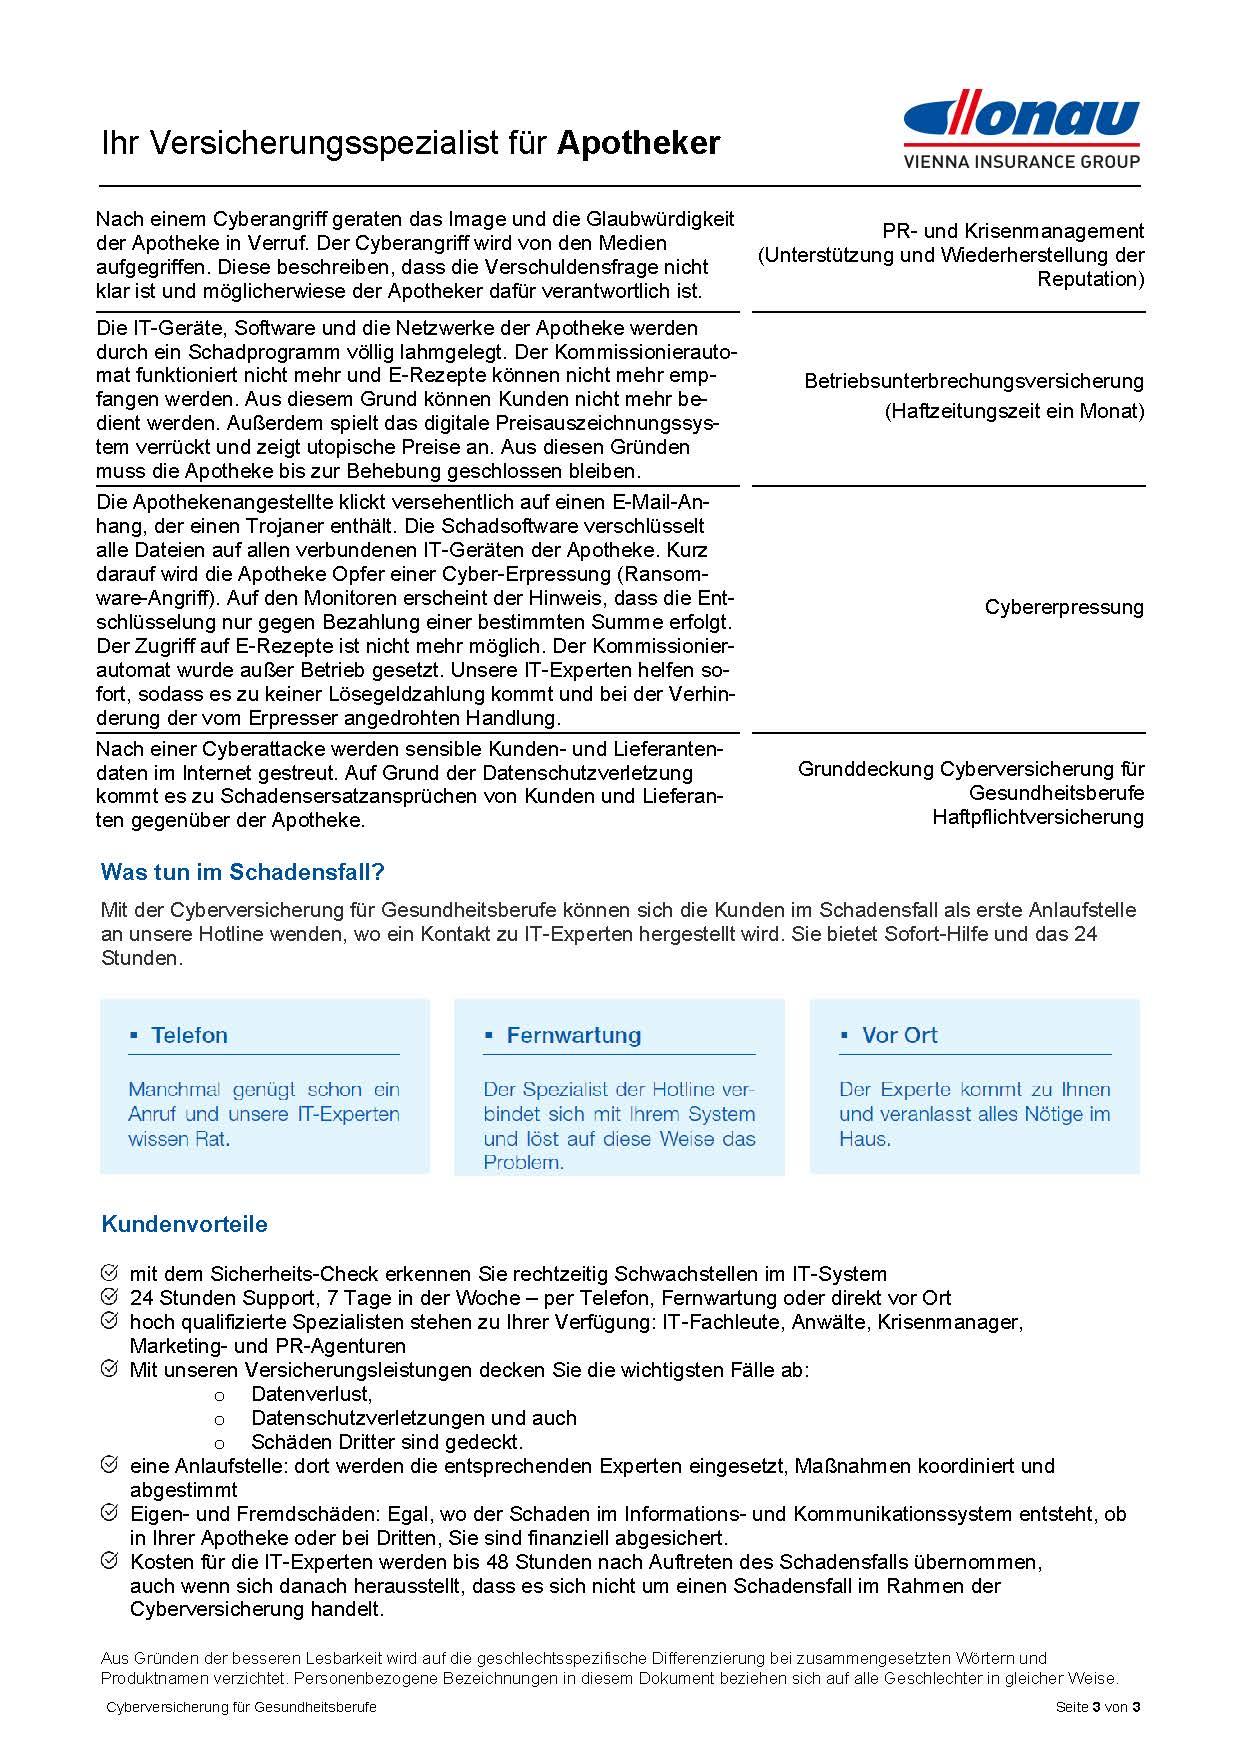 Cyberversicherung für Apotheken Infofolder 2021 3